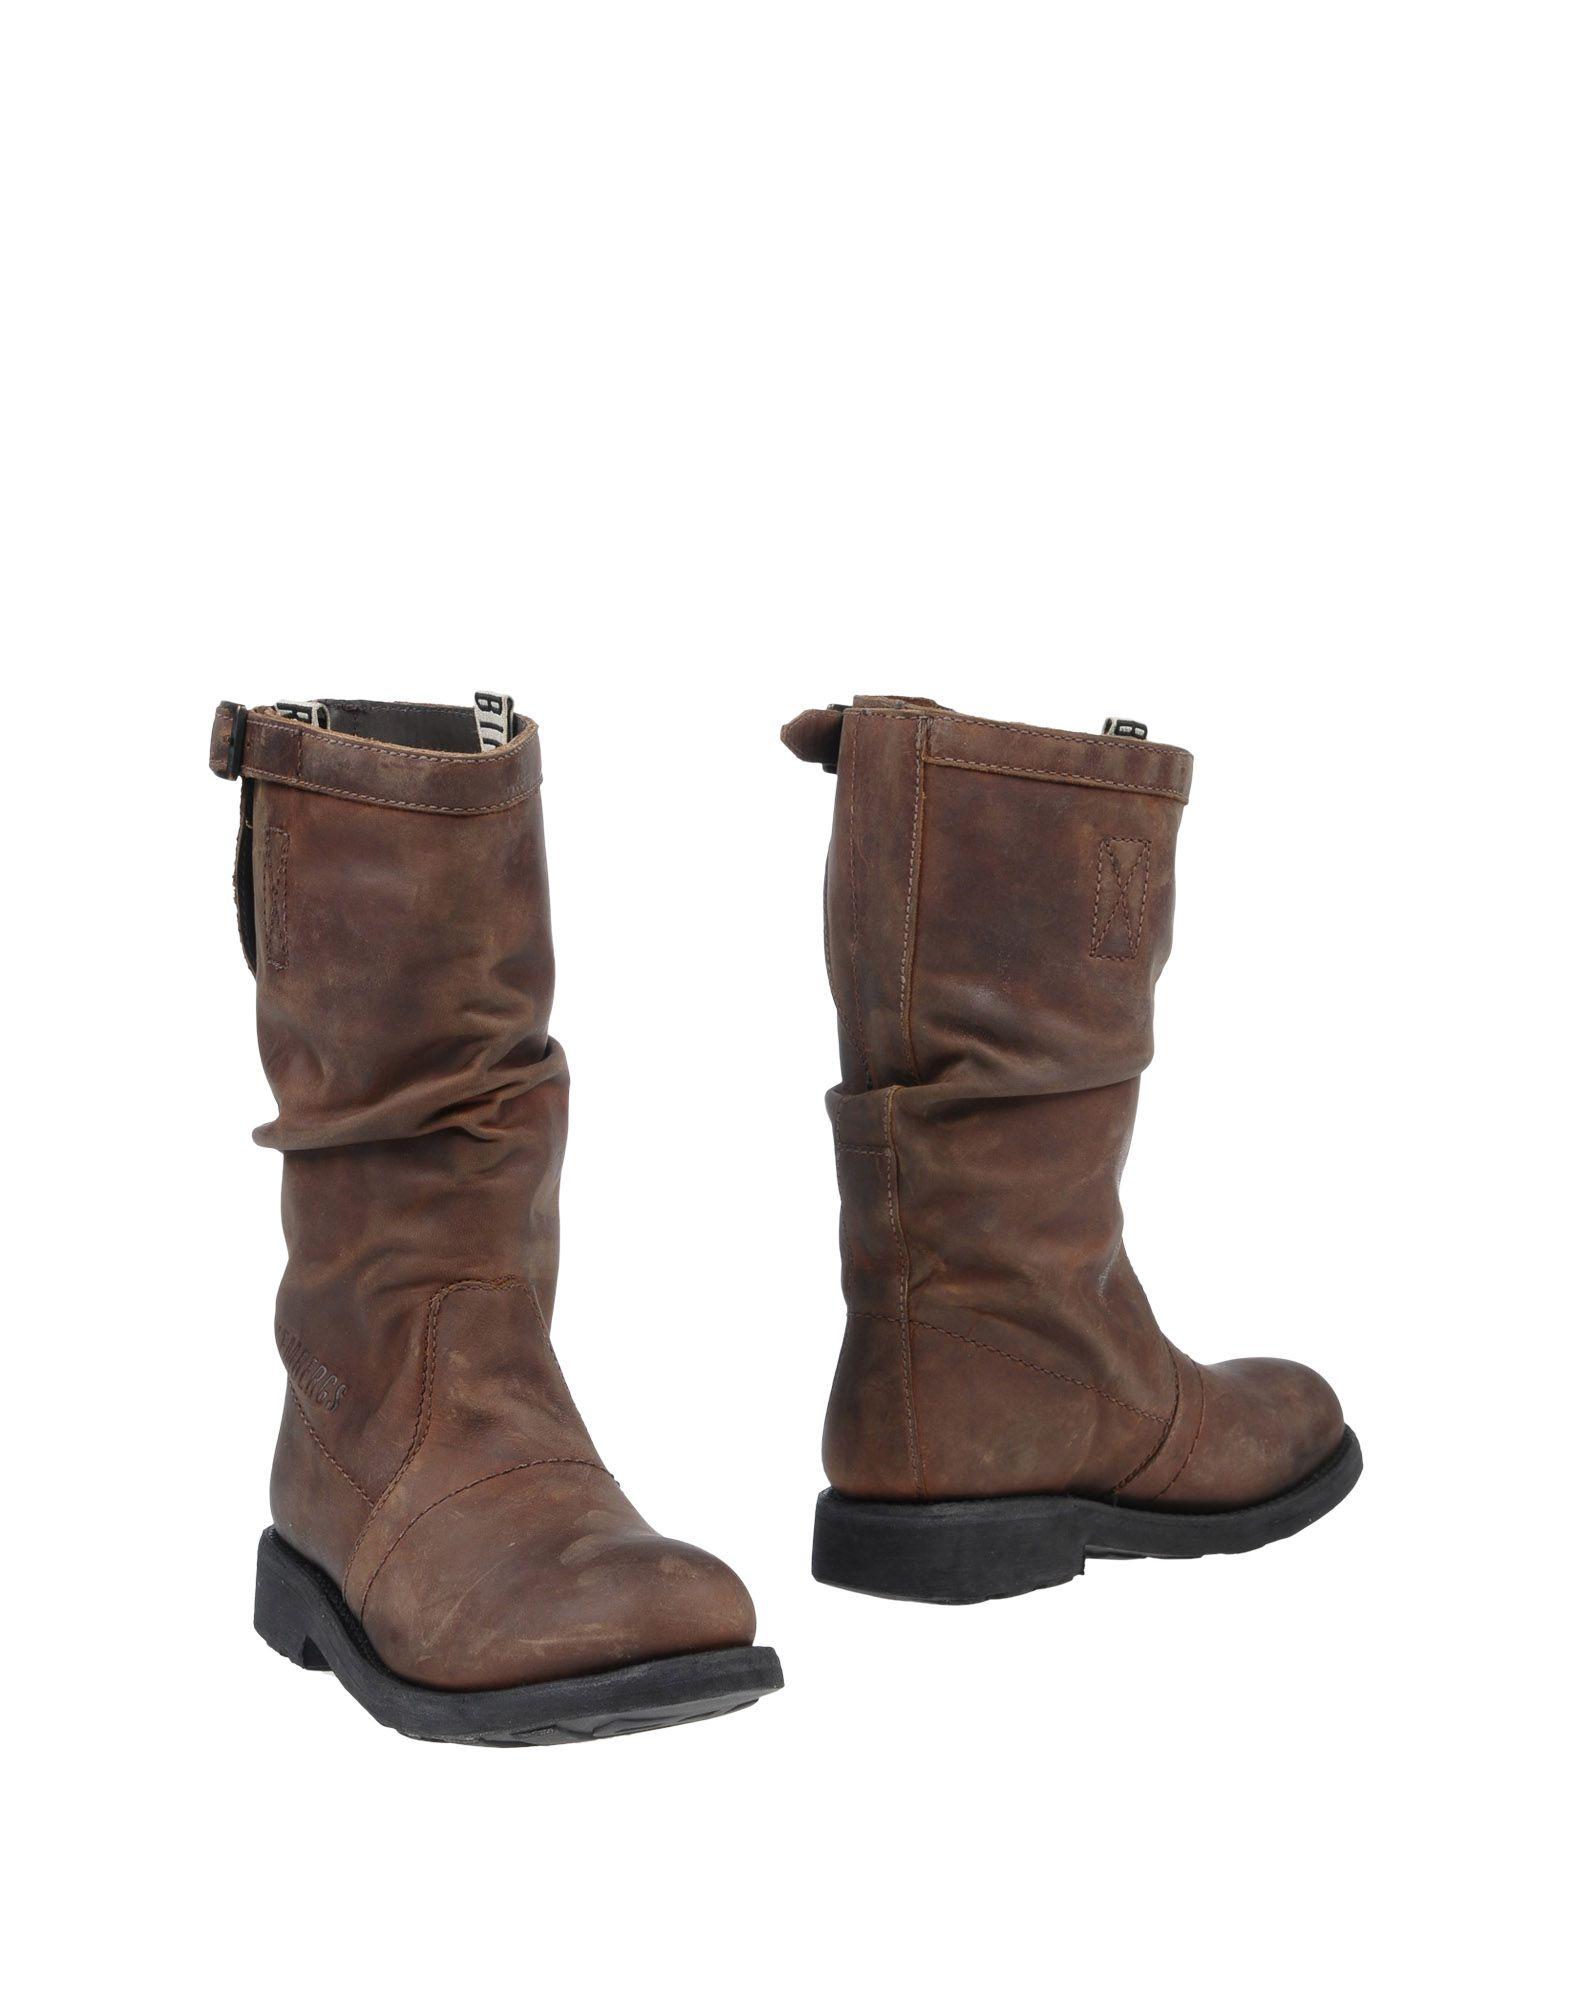 Bikkembergs Stiefel Damen Damen Stiefel  11417966DJ 52d66b